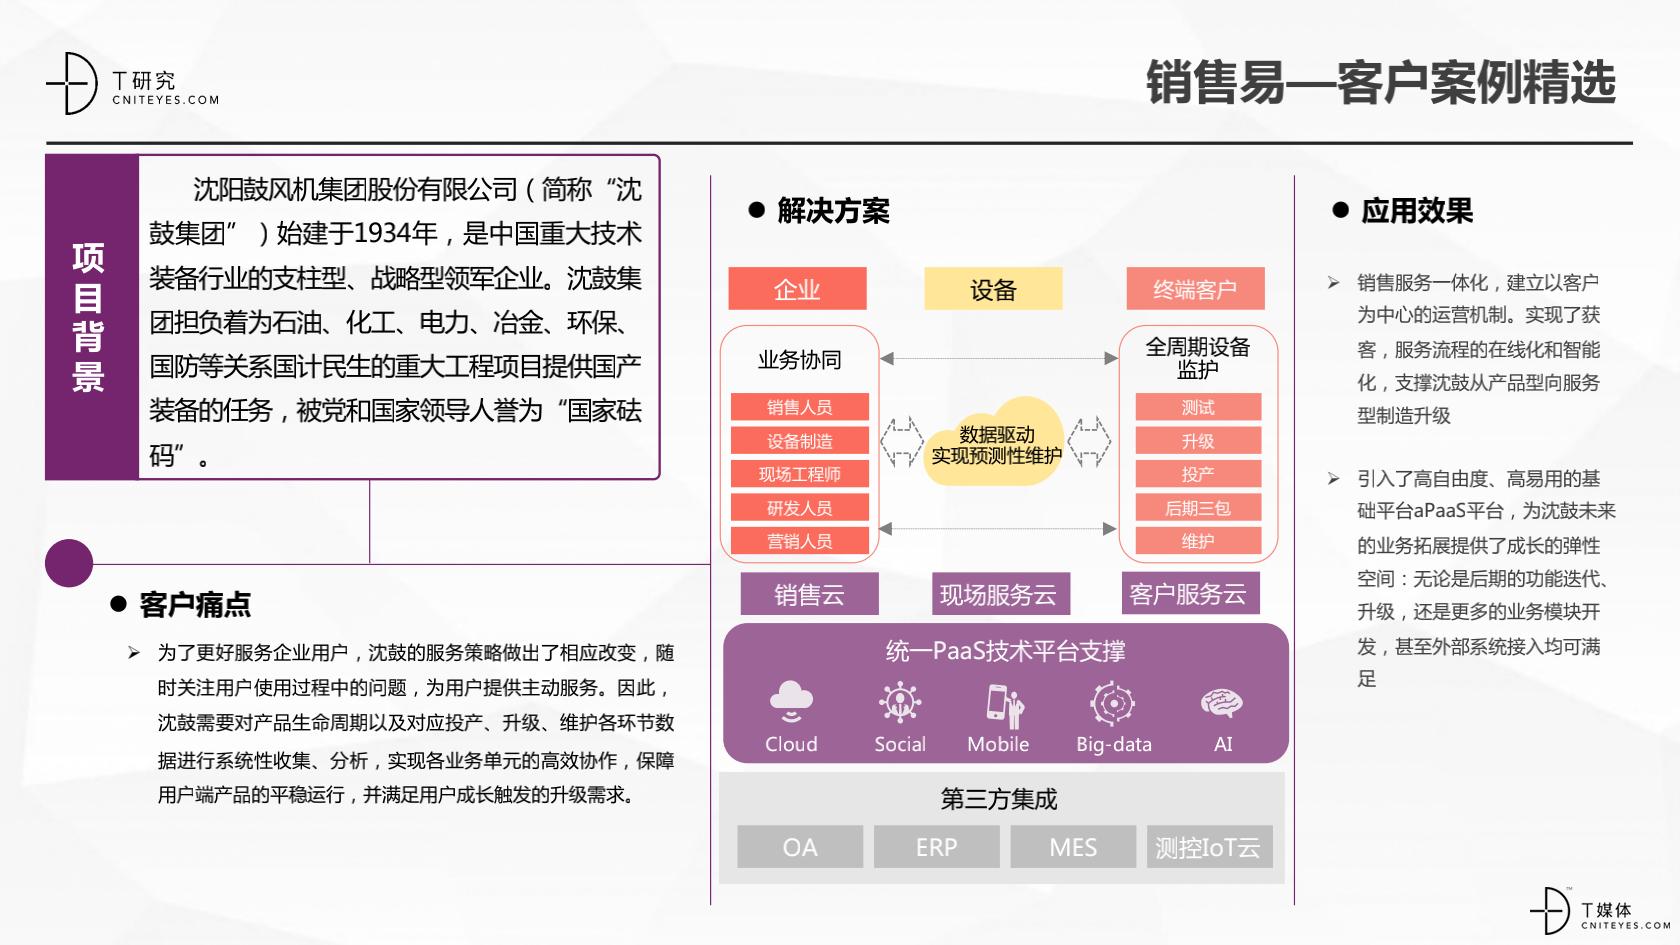 2_2020中国CRM指数测评报告v1.5_26.png